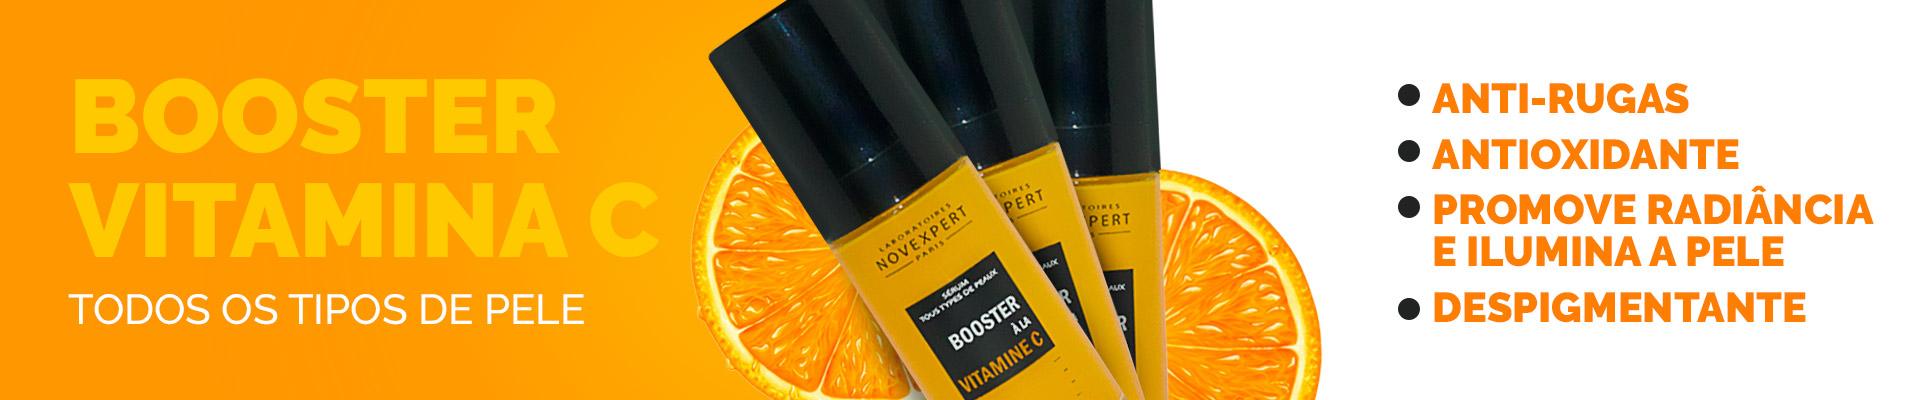 Booster Serum Vitamina C, envelhecimento, antioxidante, clareador, antiidade, antiaging